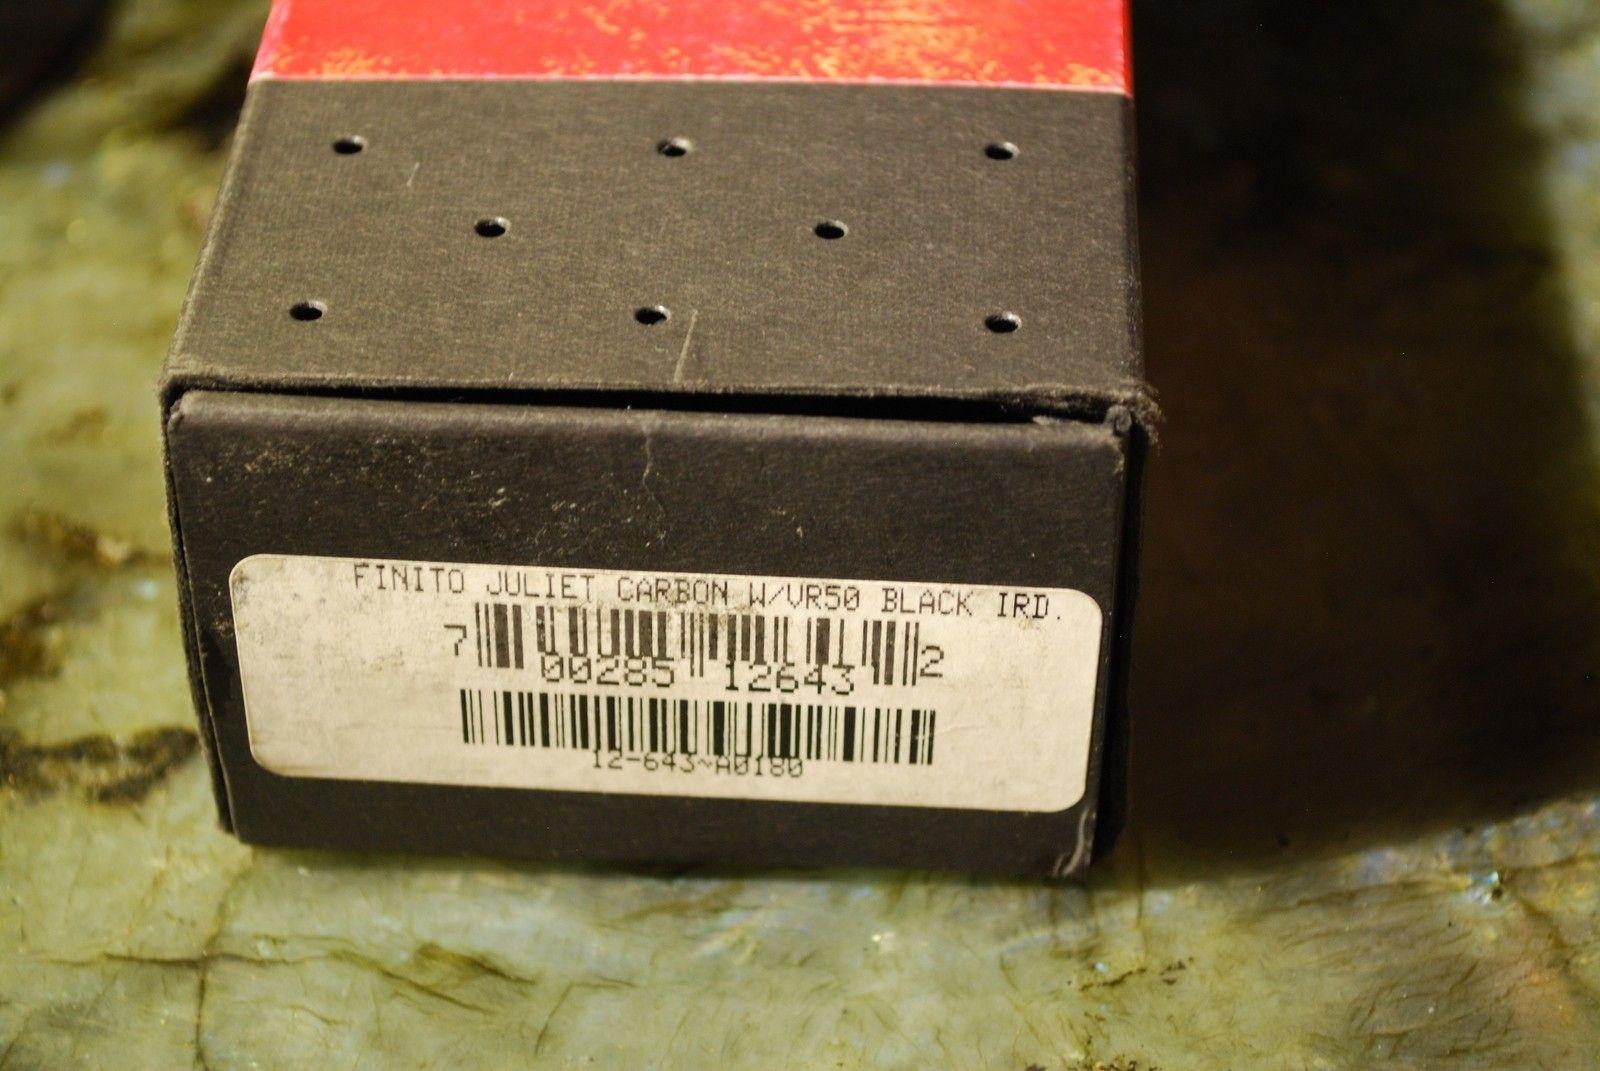 XM Penny, XM X serial Juliet, JBR, GSR2, Finito, R1 PRICE DROPS - DSC_0662.JPG